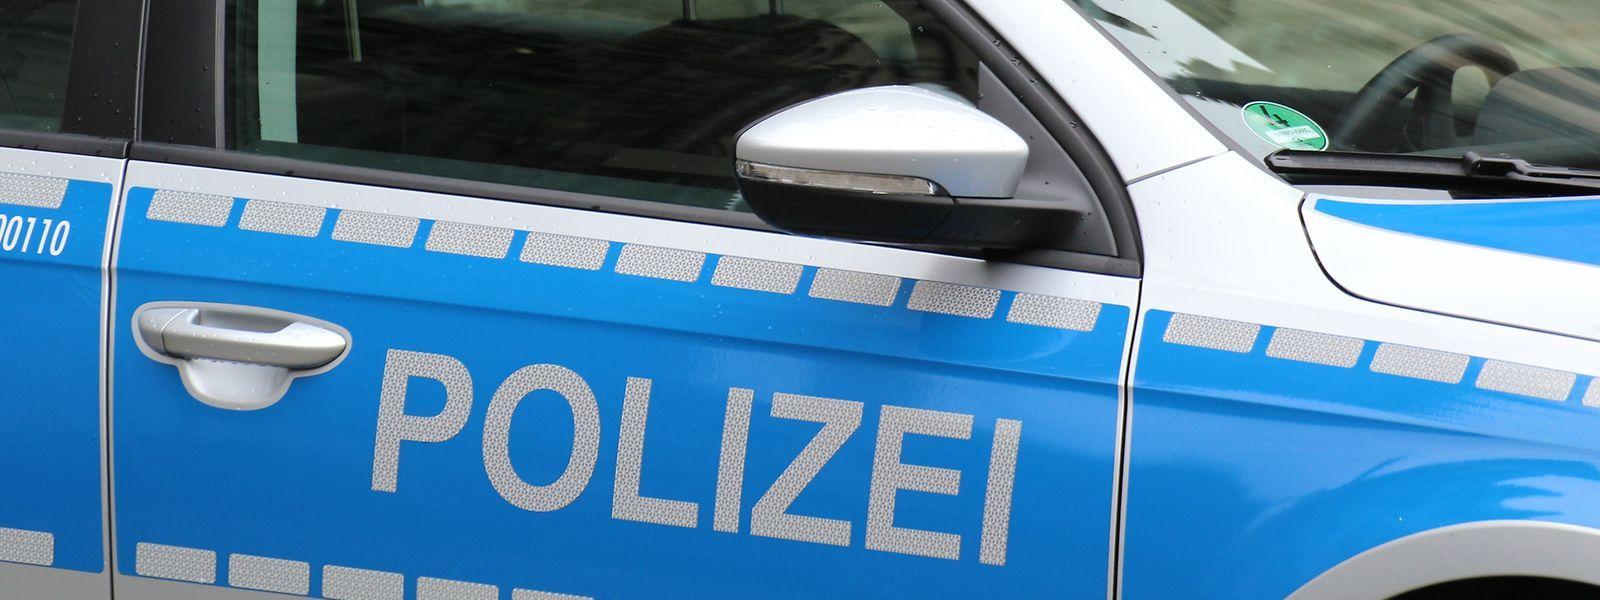 Die Polizei musste die N10 zwischen Neuerburg und Krautscheid sperren.